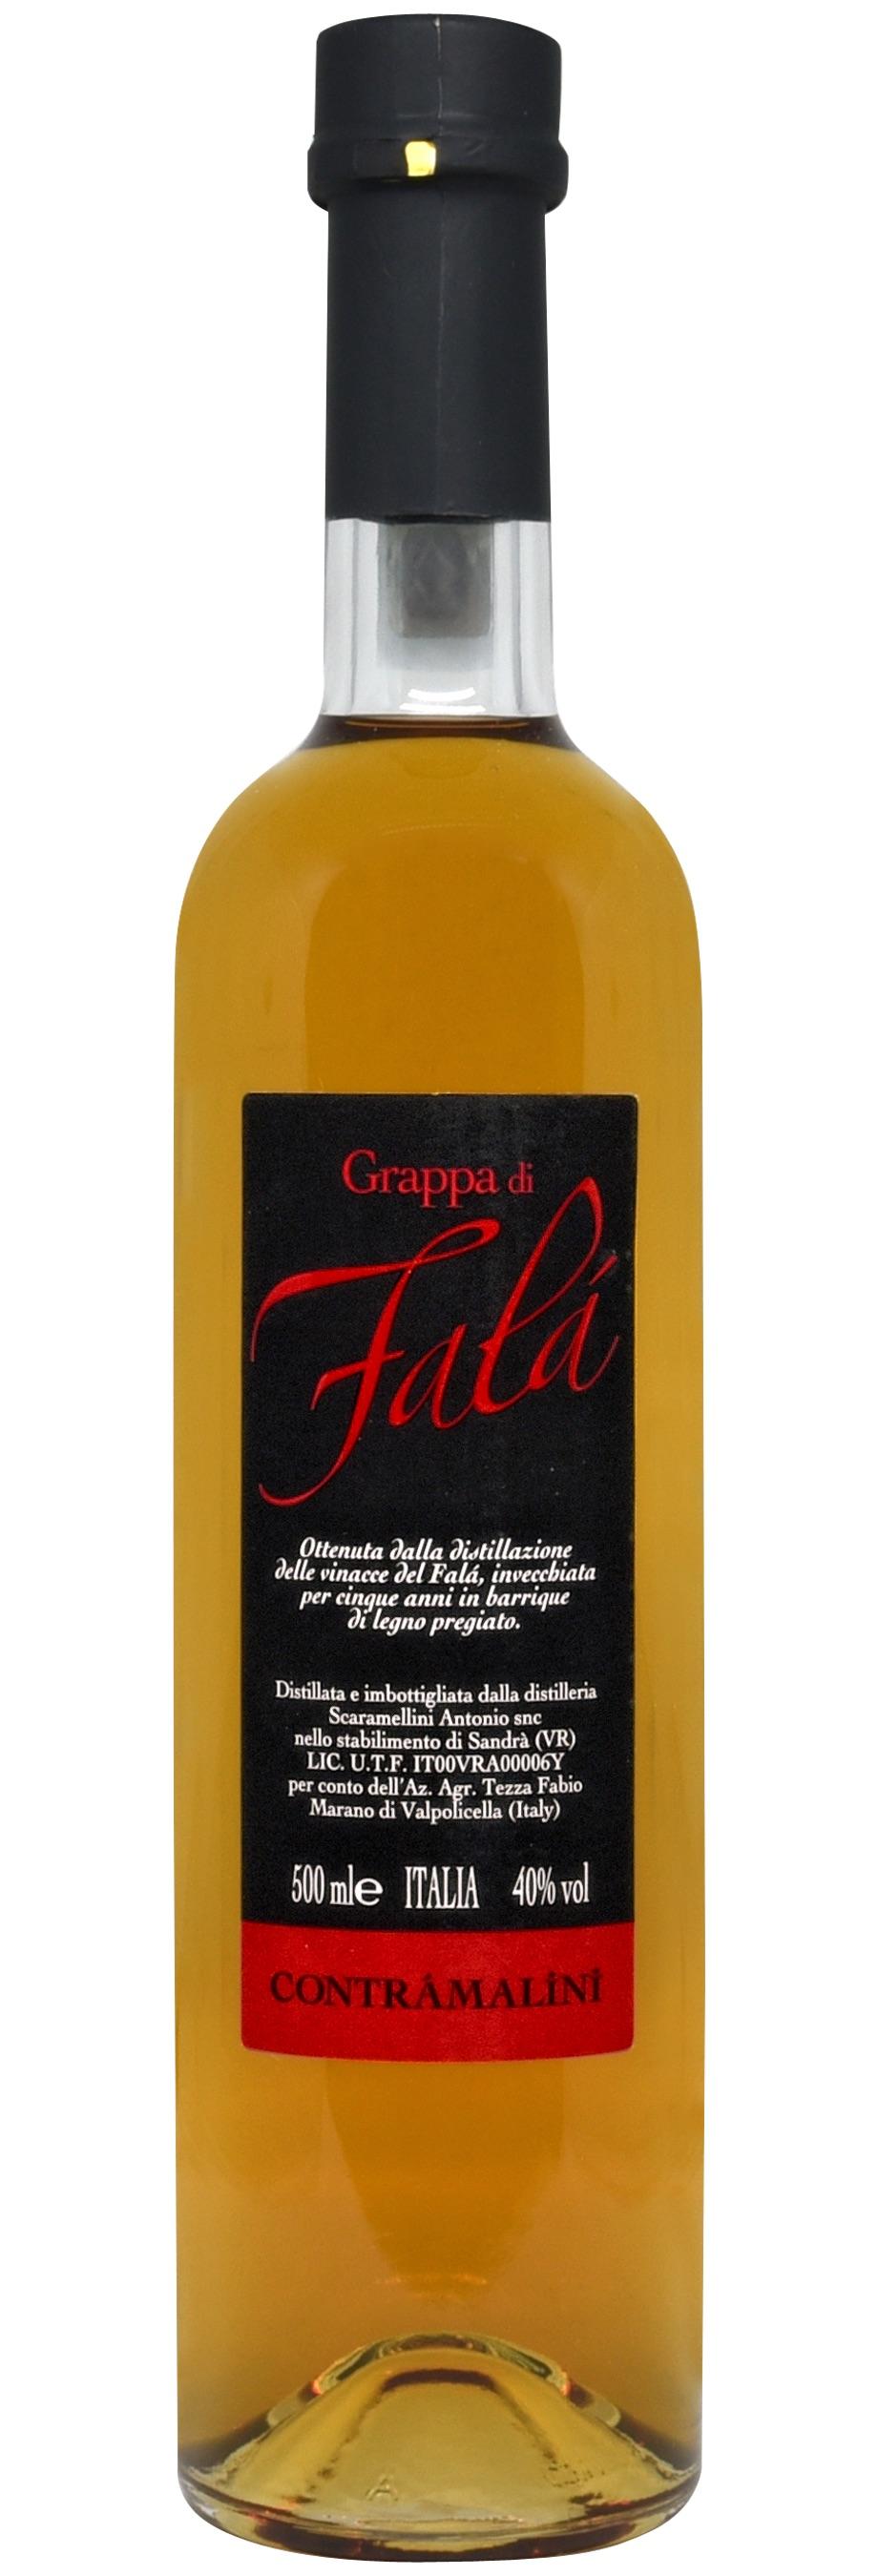 - Grappa di FalàOttenuta dalla distillazione delle vinacce del Falà, invecchiata per cinque anni in barrique di legno pregiato.500 ML - 40% vol.